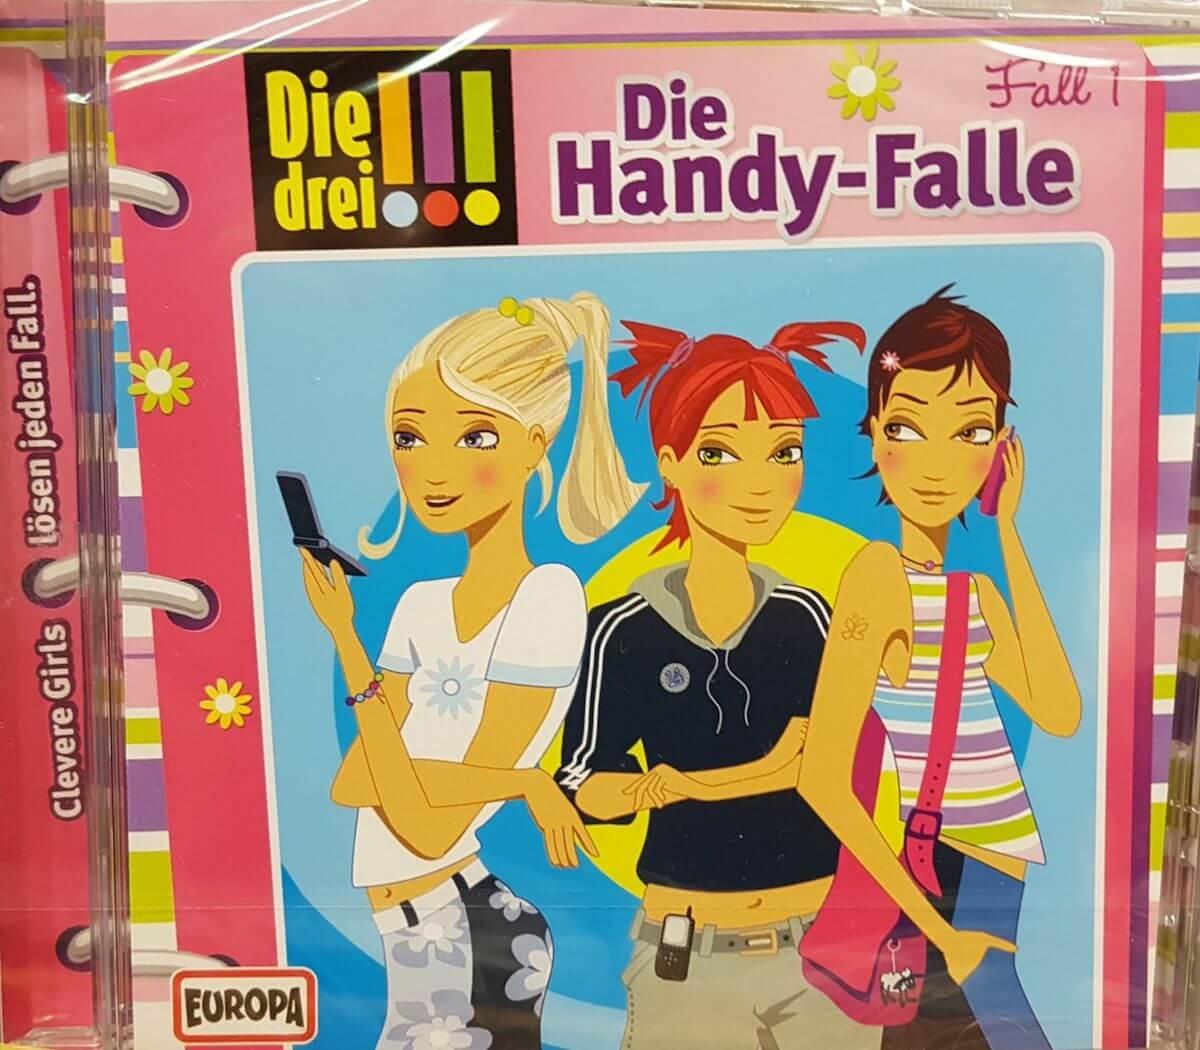 Die drei !!! – Selbstbewusste Mädchen oder Mager-Barbie im Ermittlungswahn?